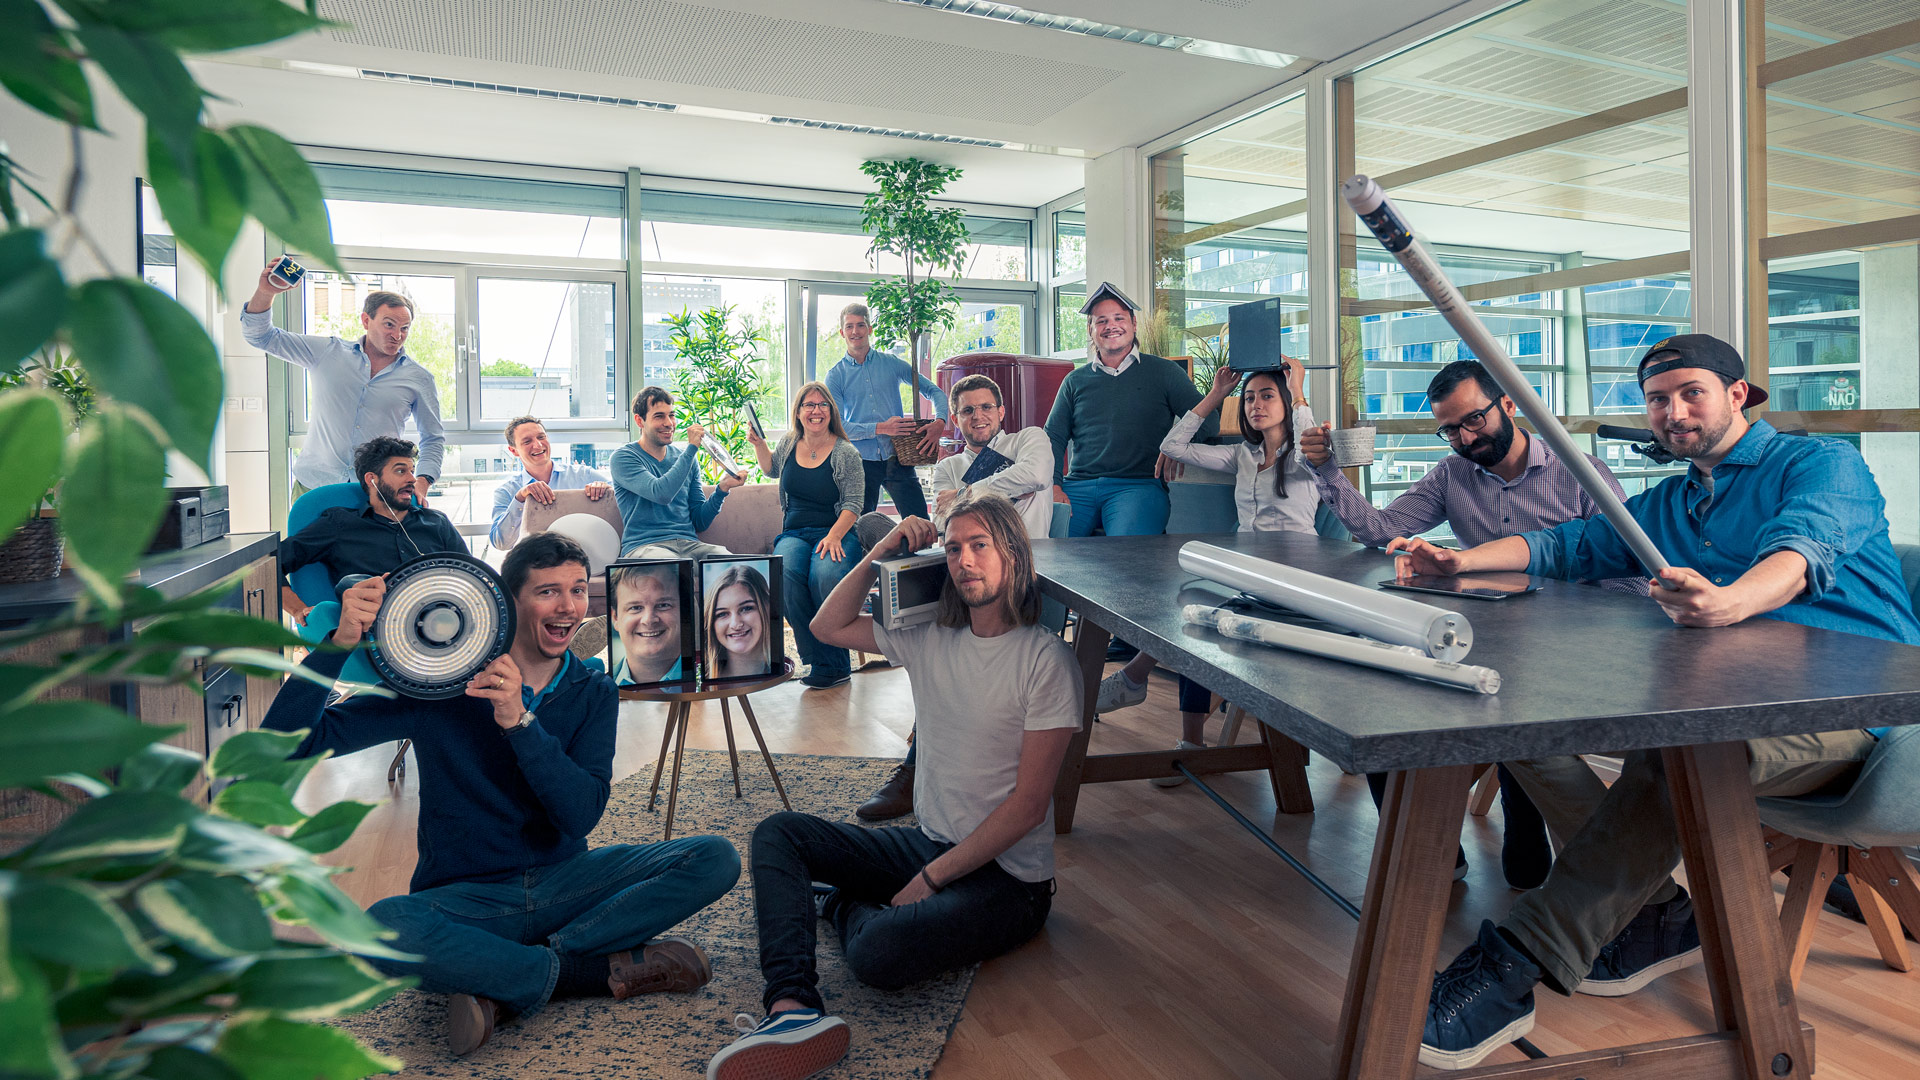 ledcity teamfoto juni2020 CMD 9255 - Startups rund um den Bodensee